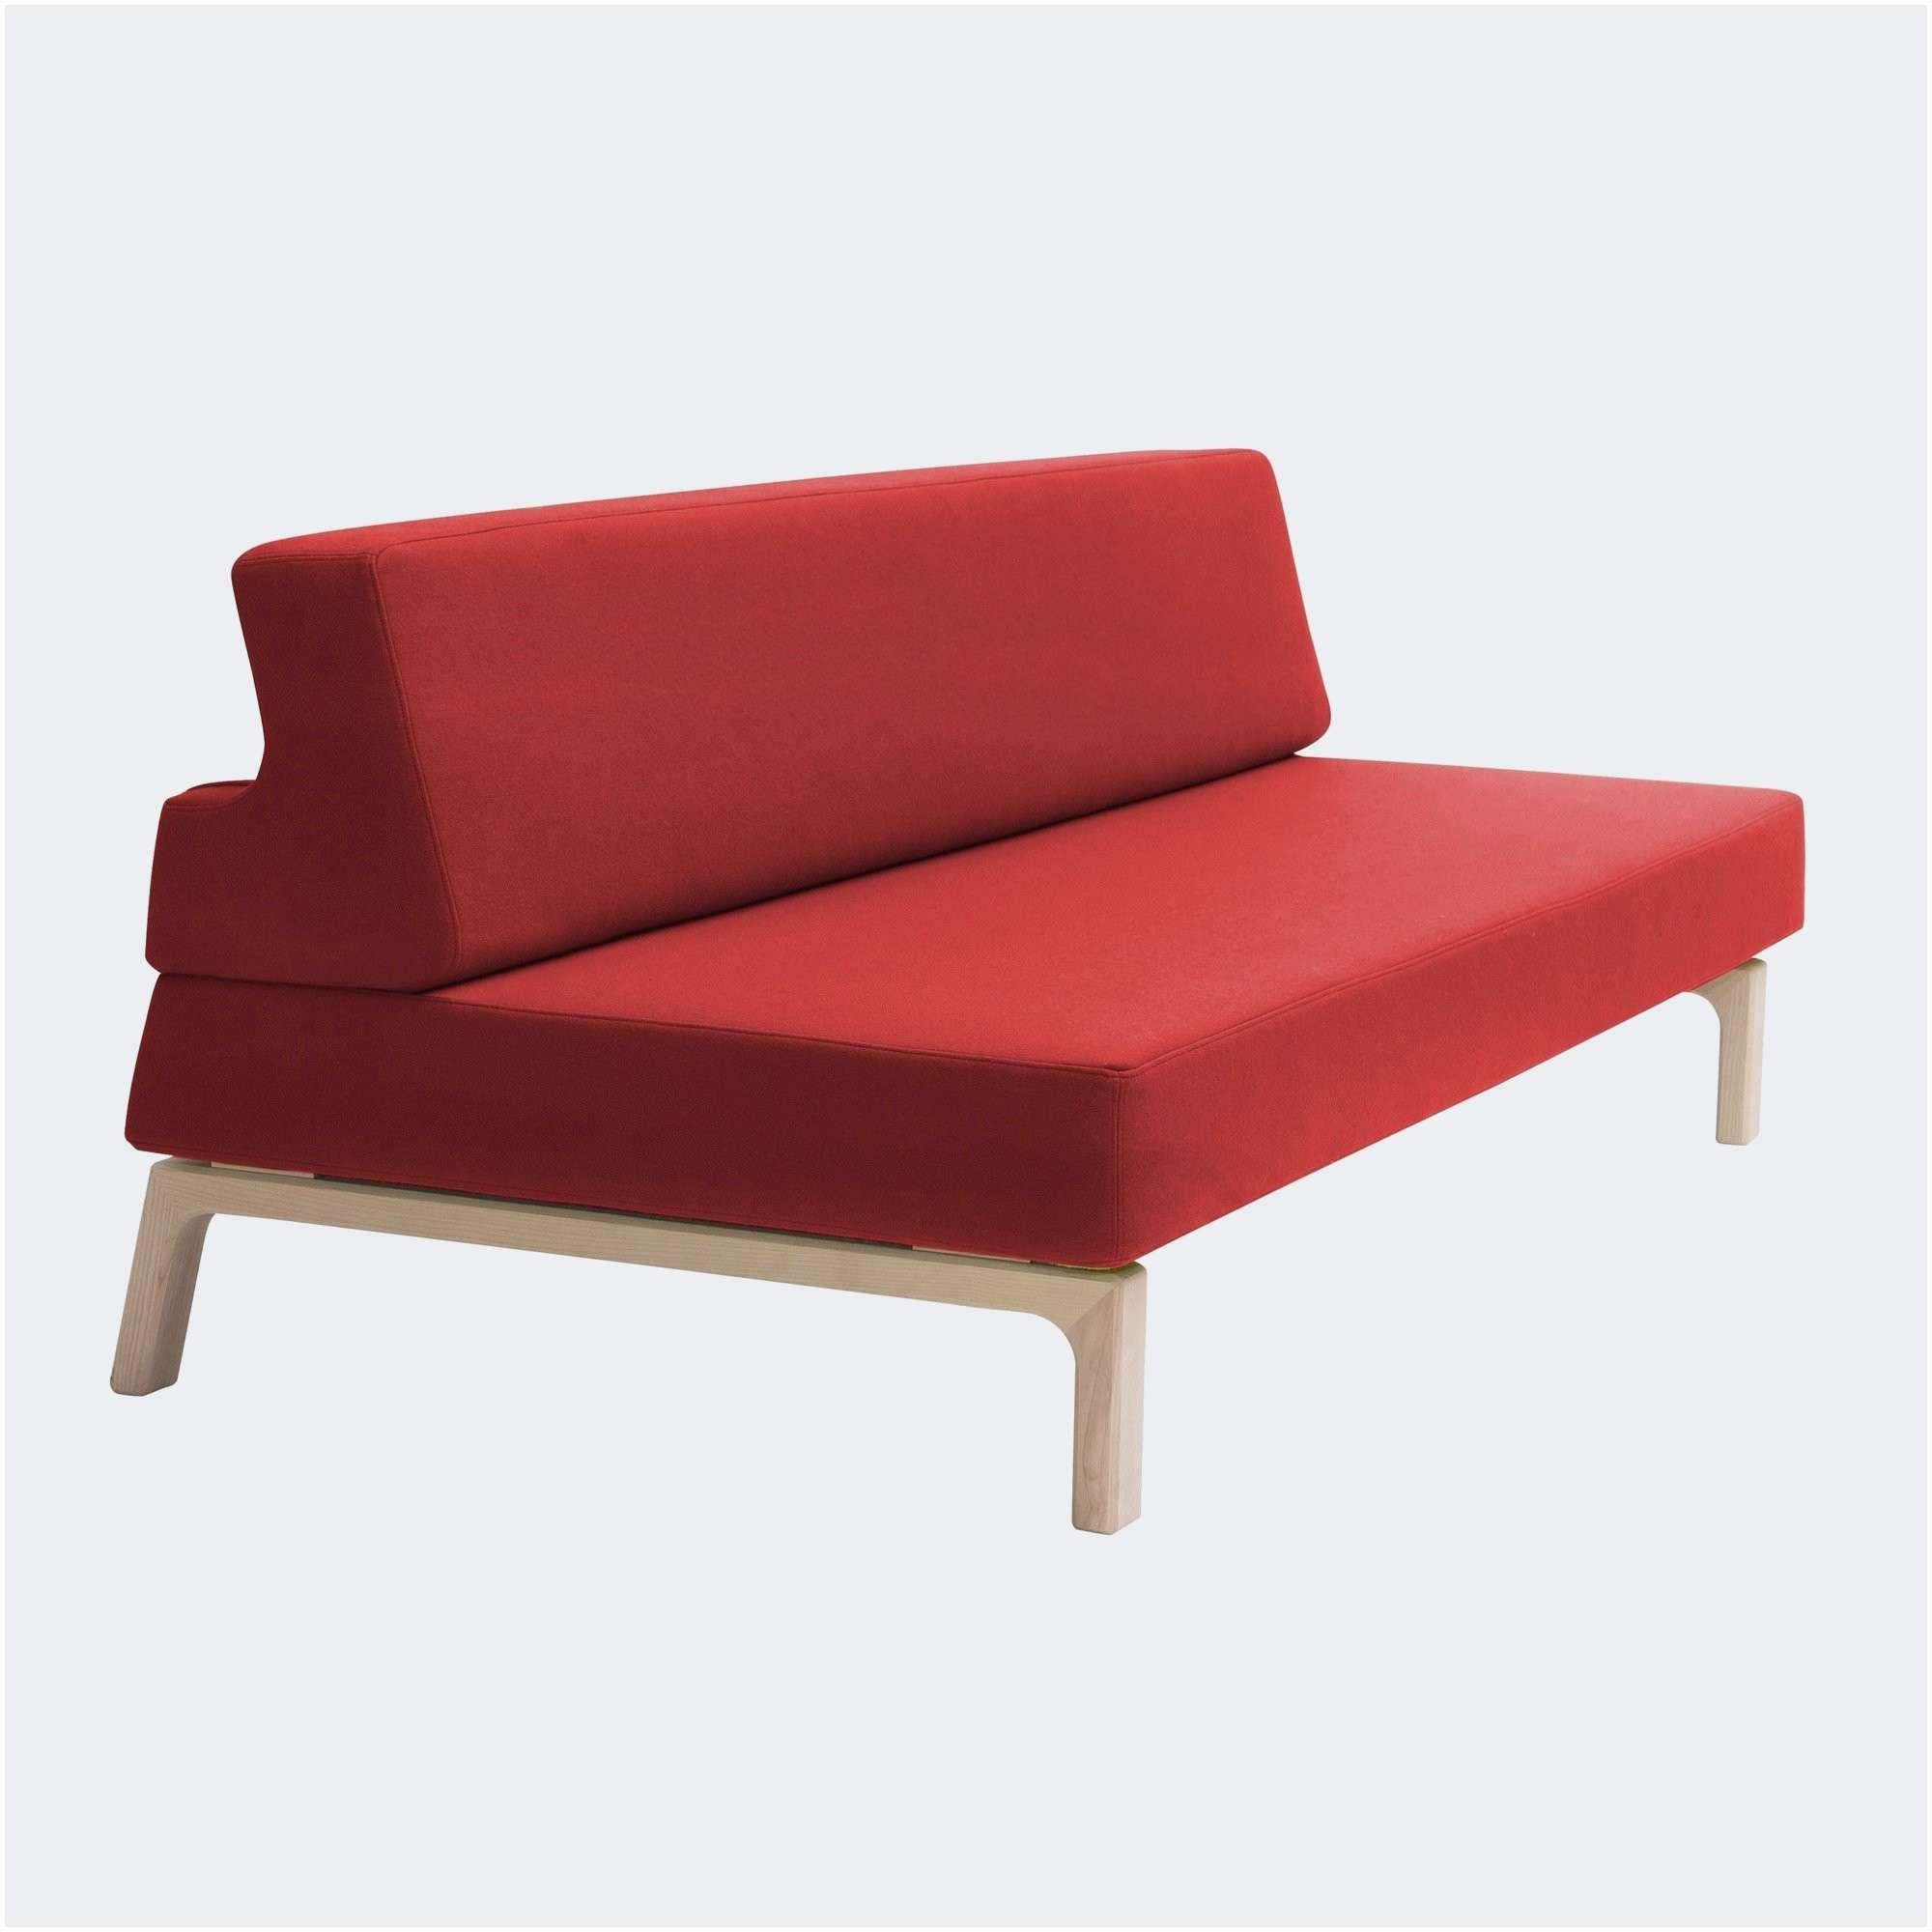 Canapé Lit Superposé De Luxe Nouveau Canapé 2 Angles Canap Lit Rouge 3 C3 A9 Design Tgm872 ton